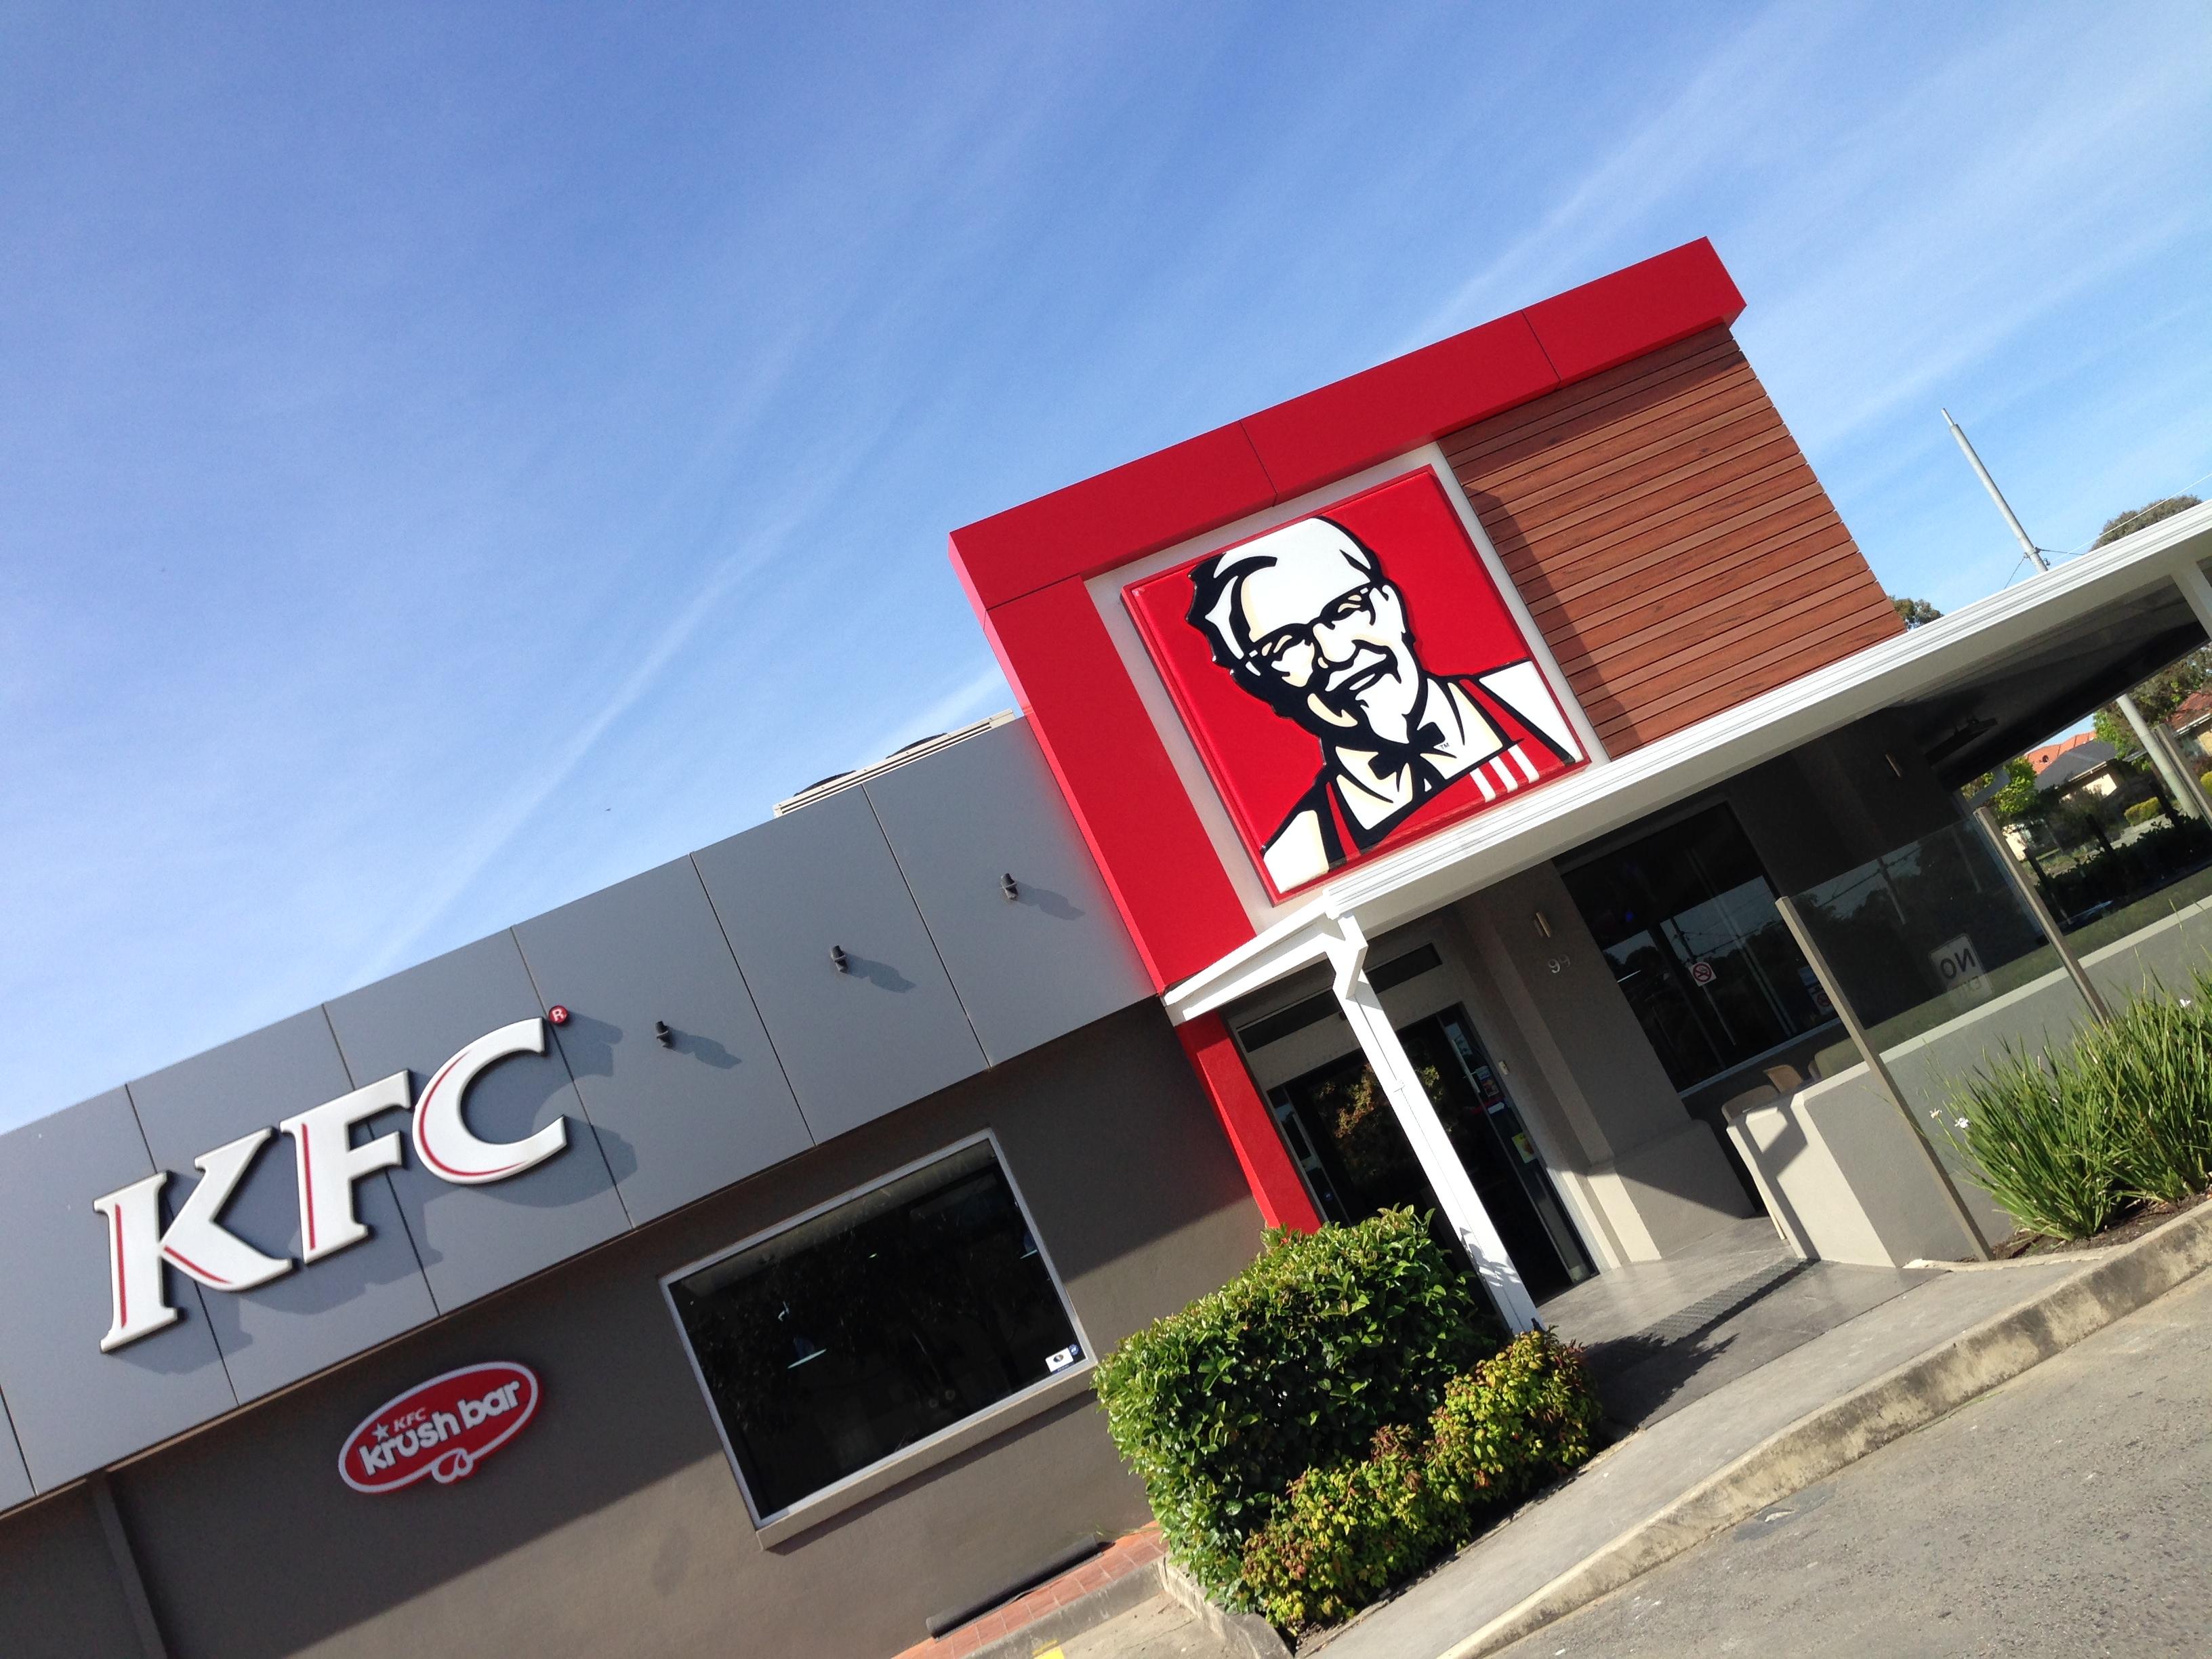 KFC Refurbishment